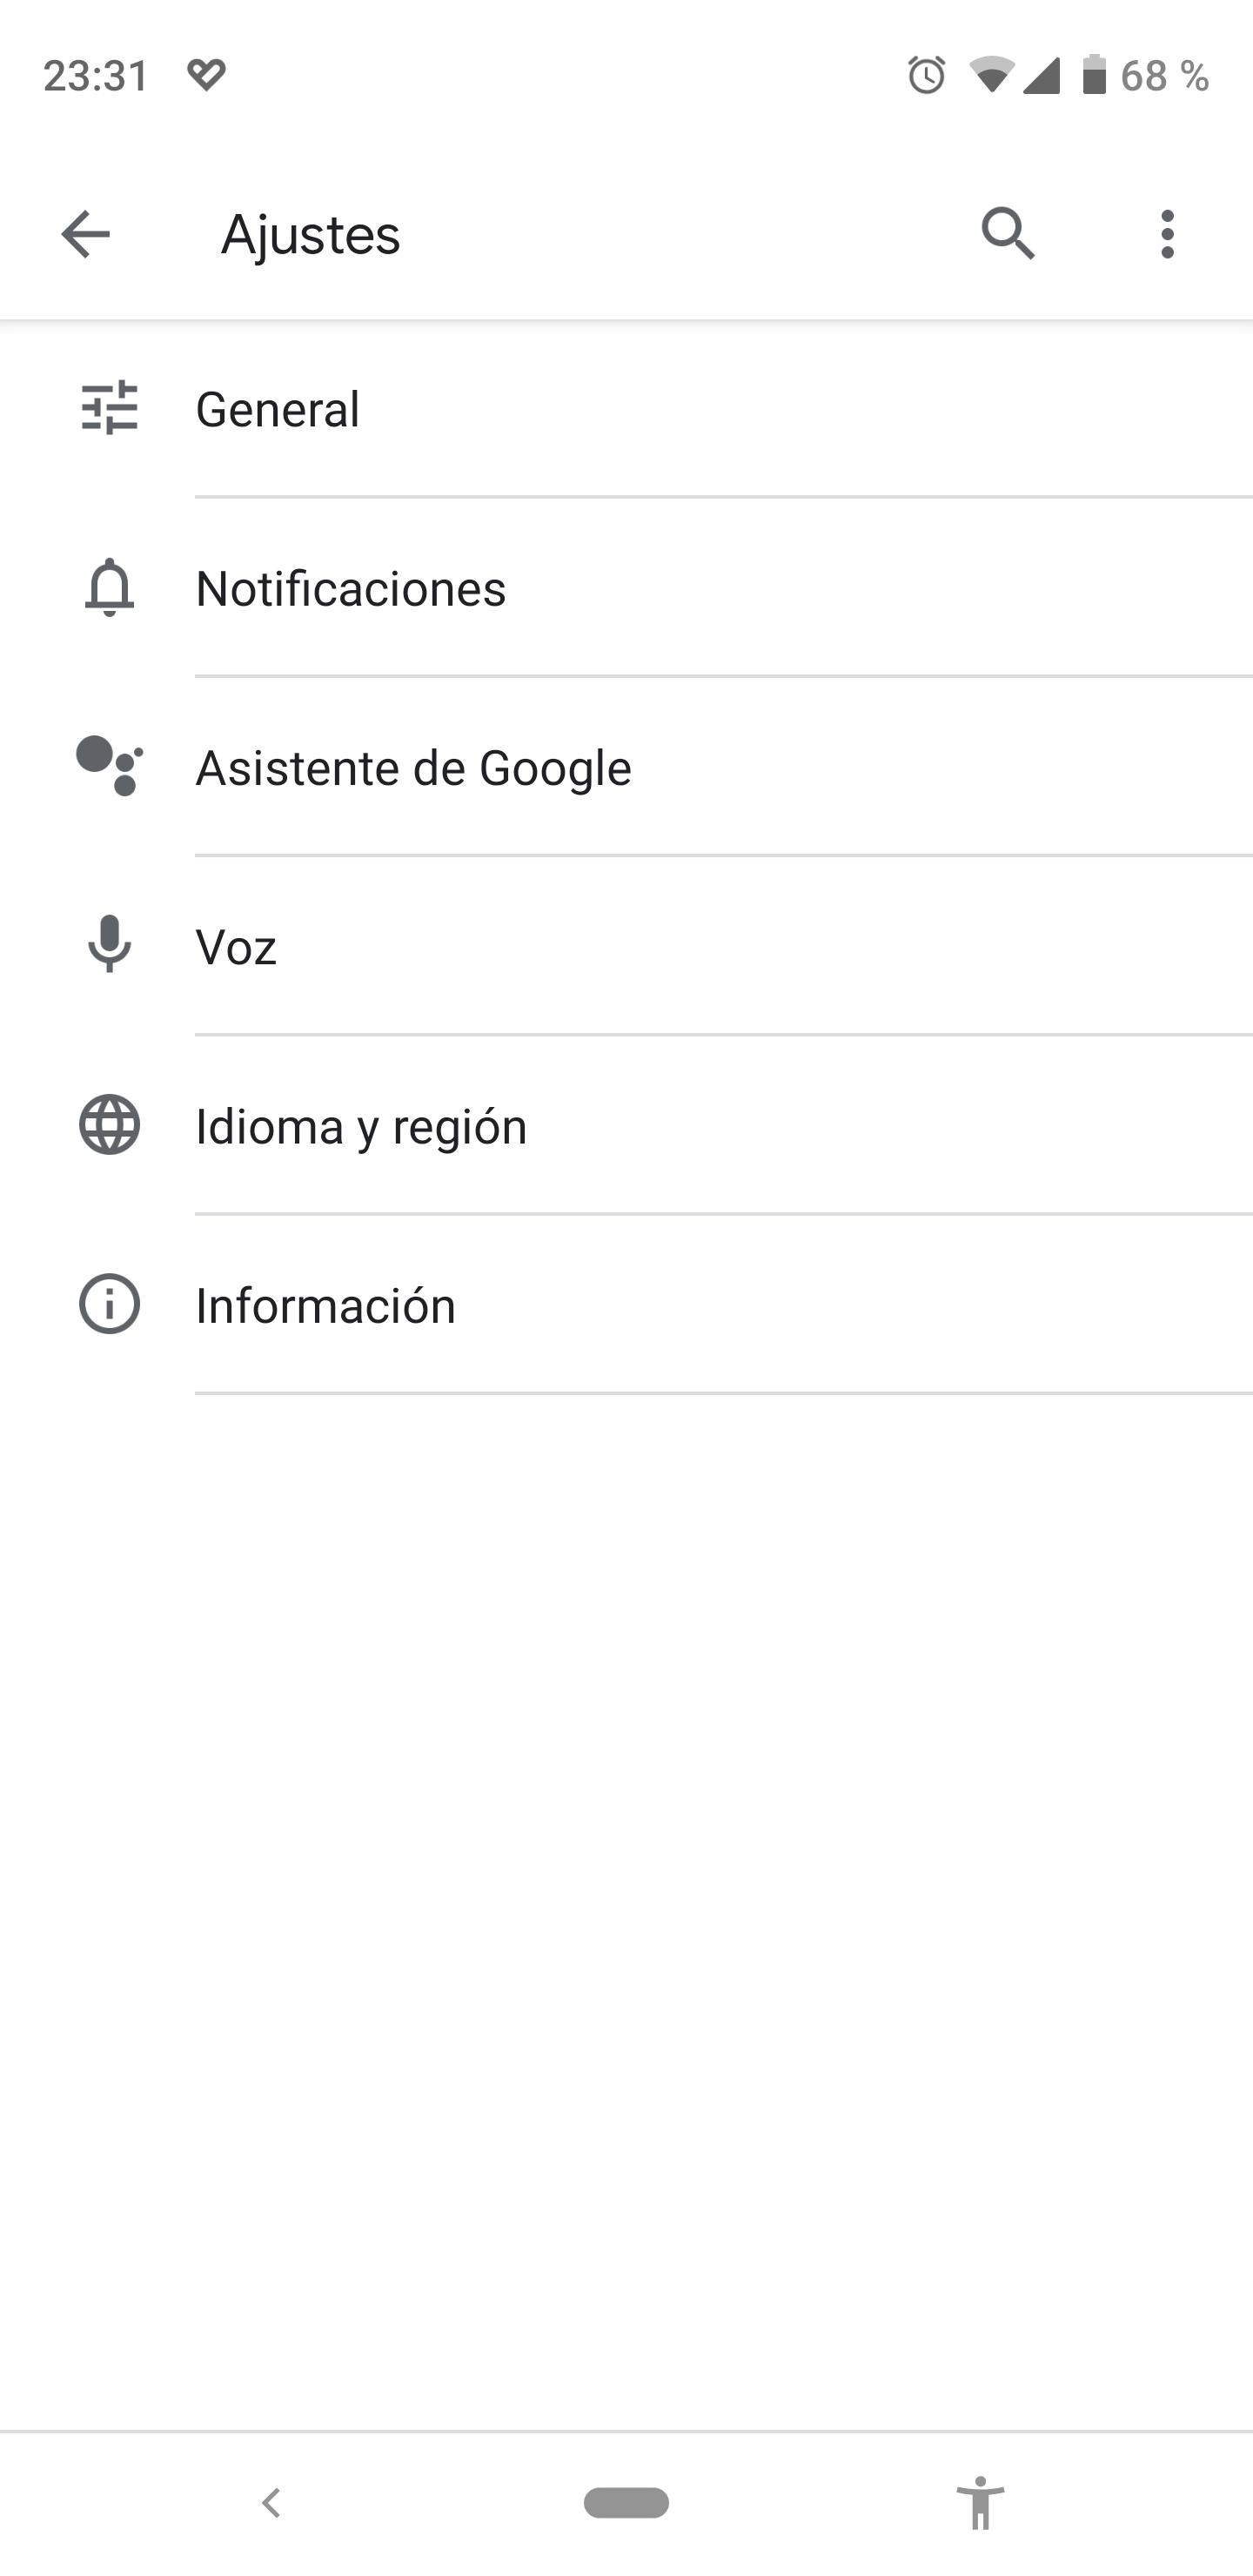 Chán Google Assistant? Các bước để vô hiệu hóa nó 1